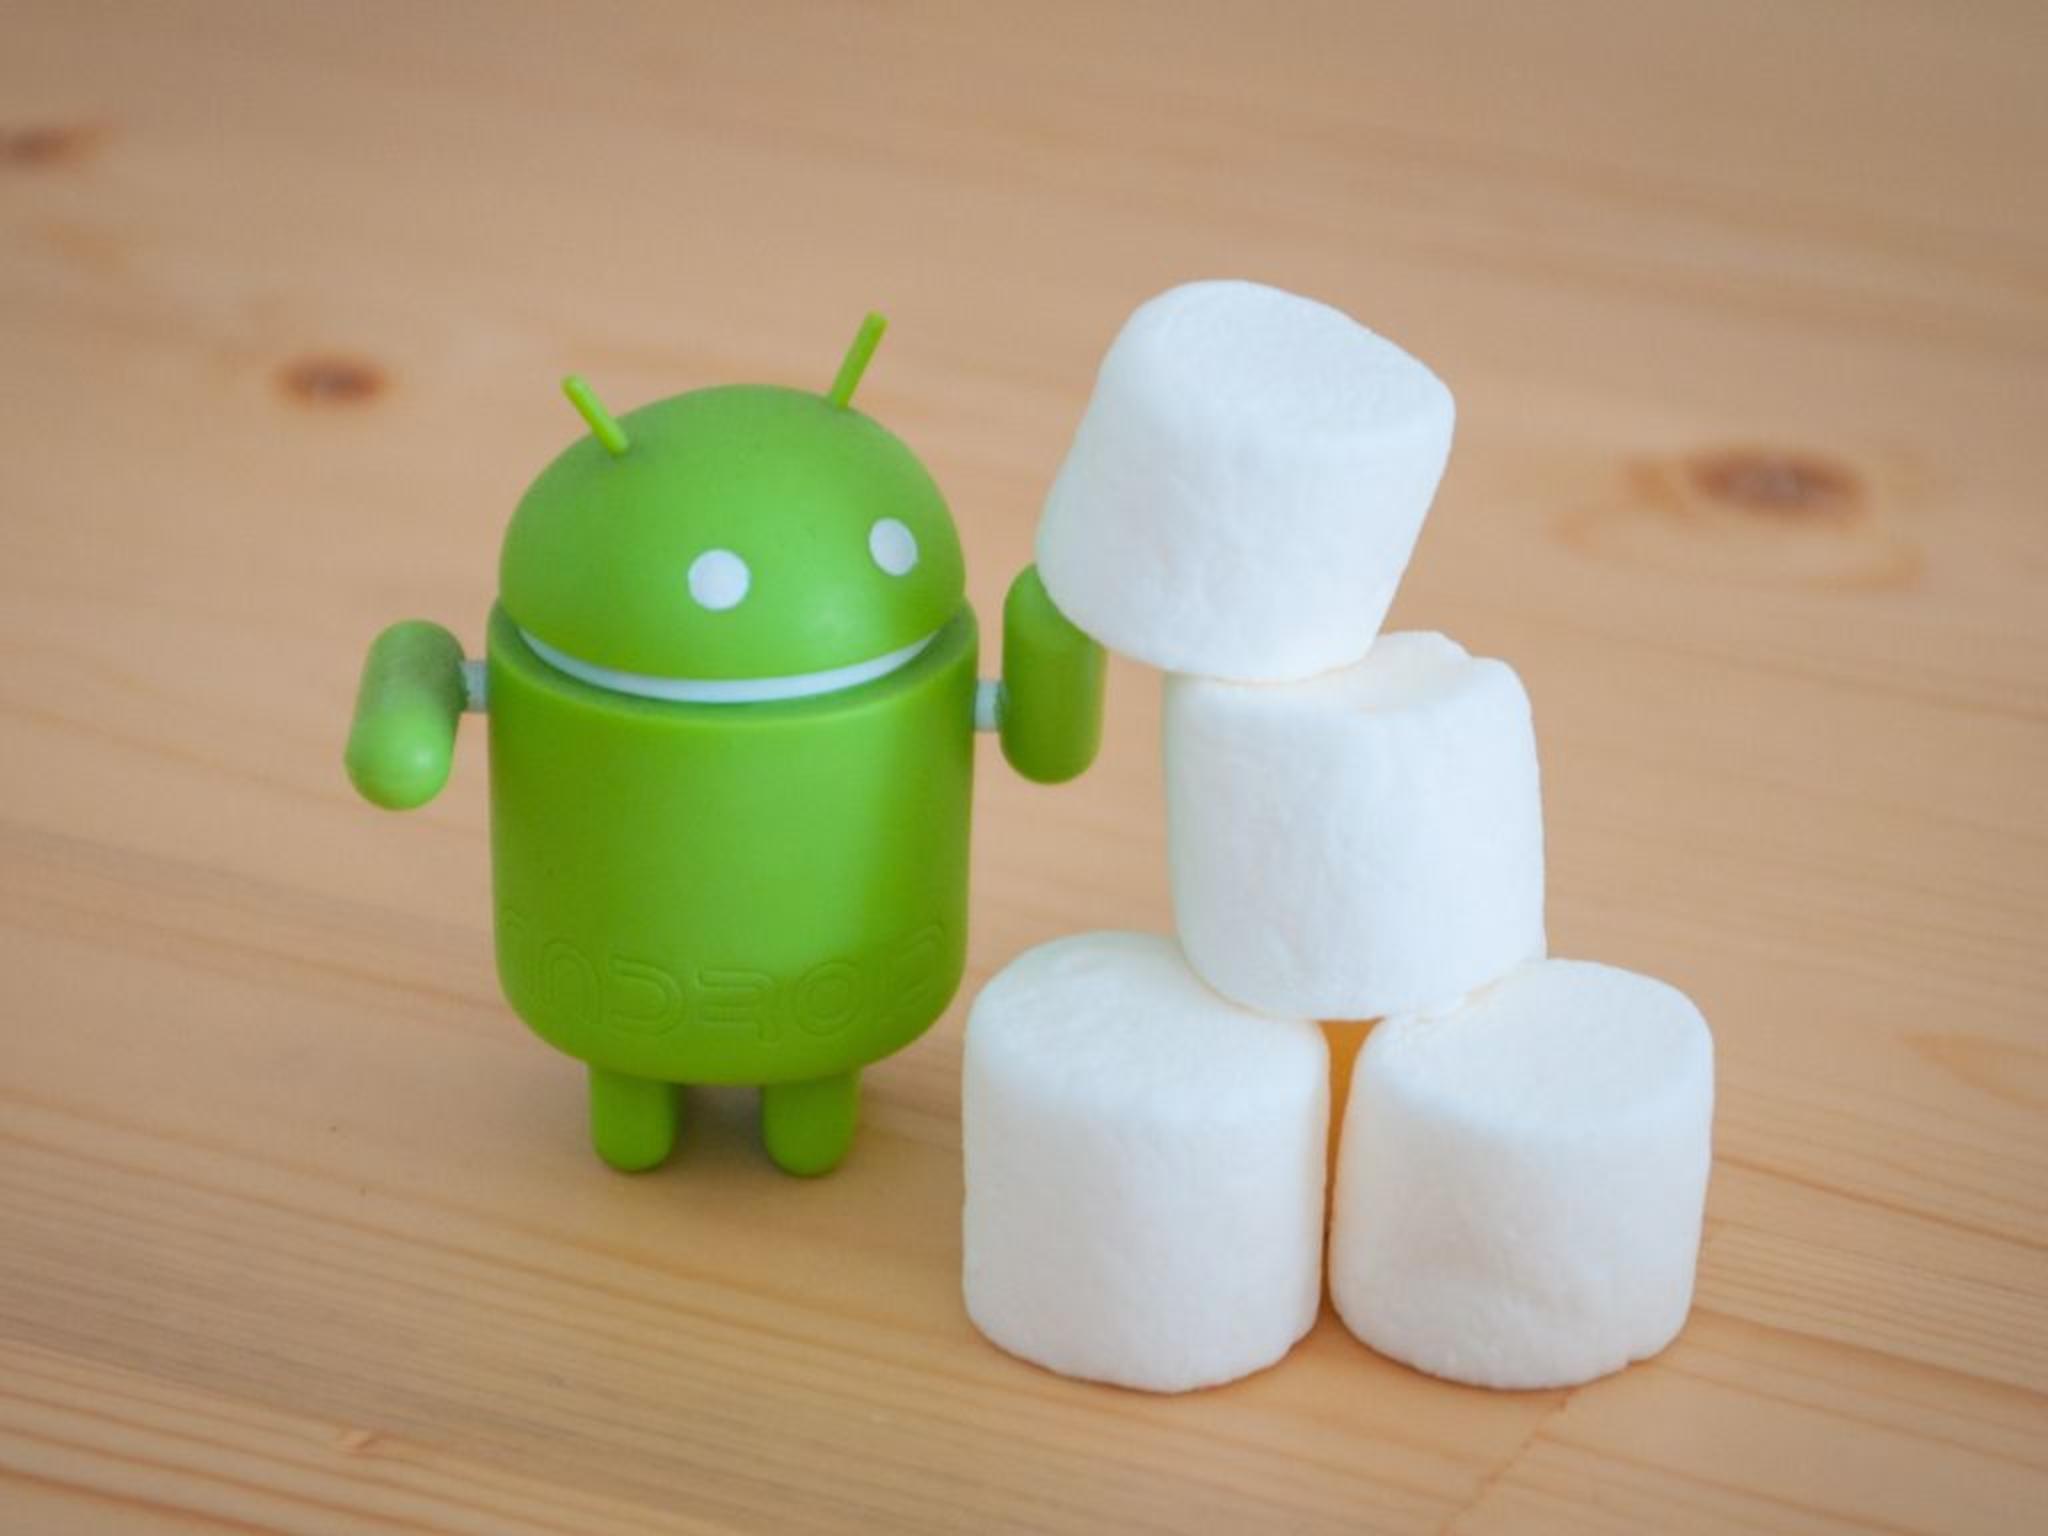 Galaxy-Nutzer klagen über Probleme mit dem Update auf Android Marshmallow.